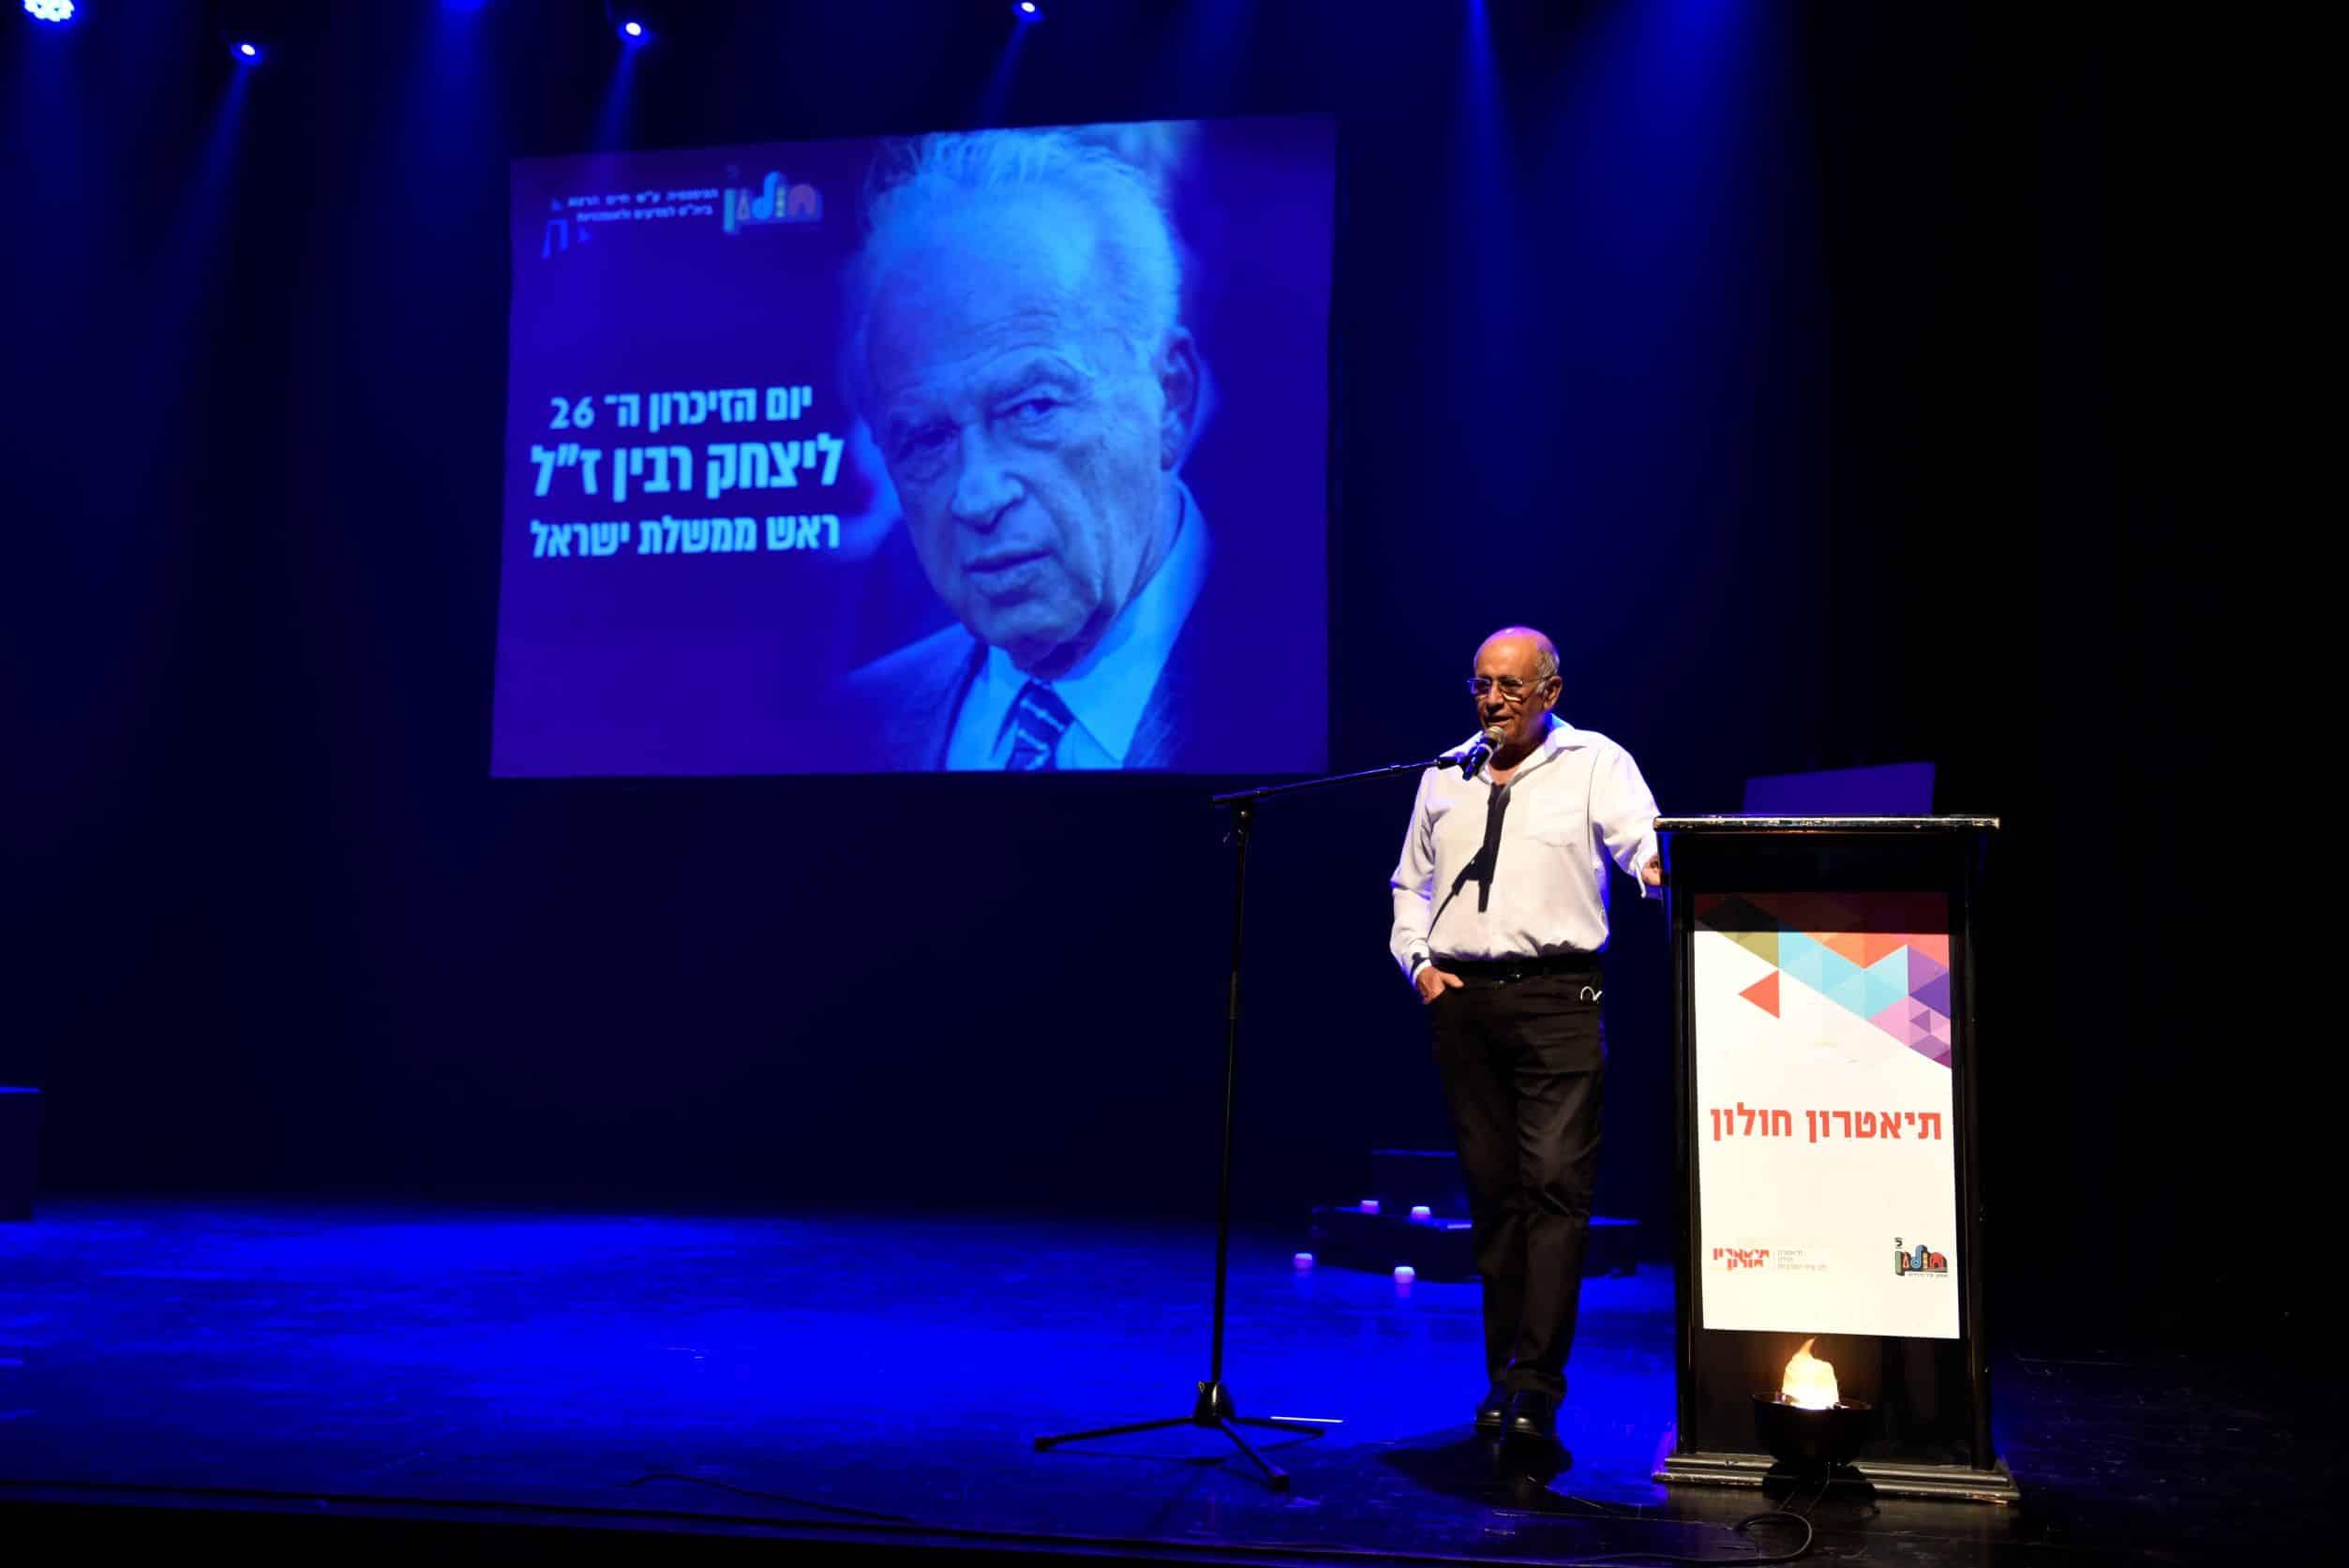 תאל בדימוס אביגדור קהלני בטקס לזכר יצחק רבין זל 17.10.21 צילום-עיריית חולון